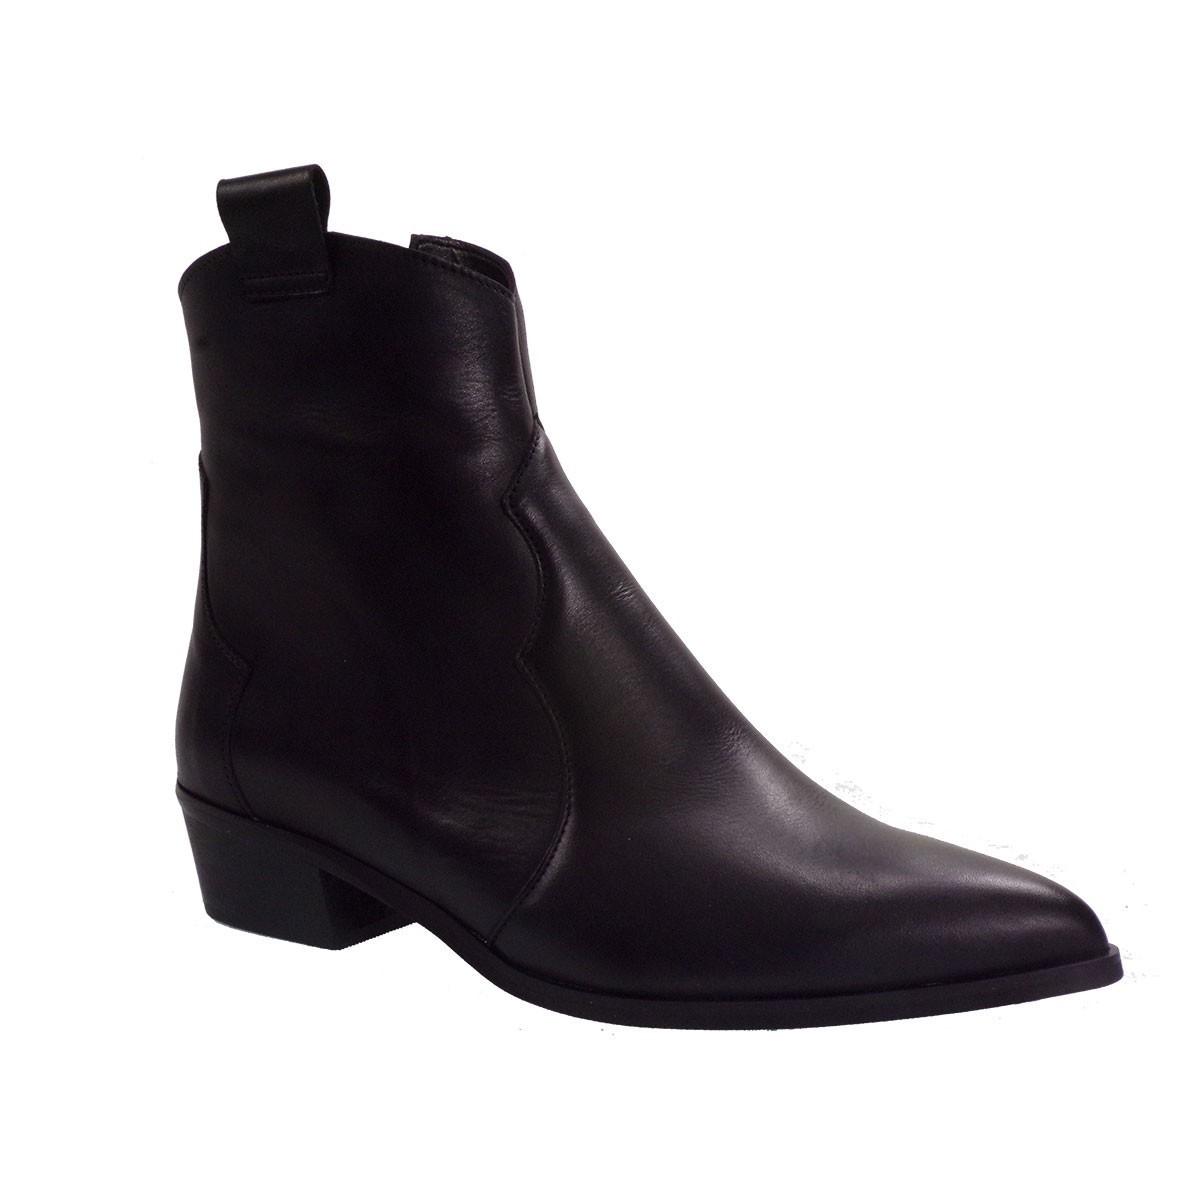 Katia Shoes Γυναικεία Παπούτσια Μποτάκια Κ-113 Μαύρο